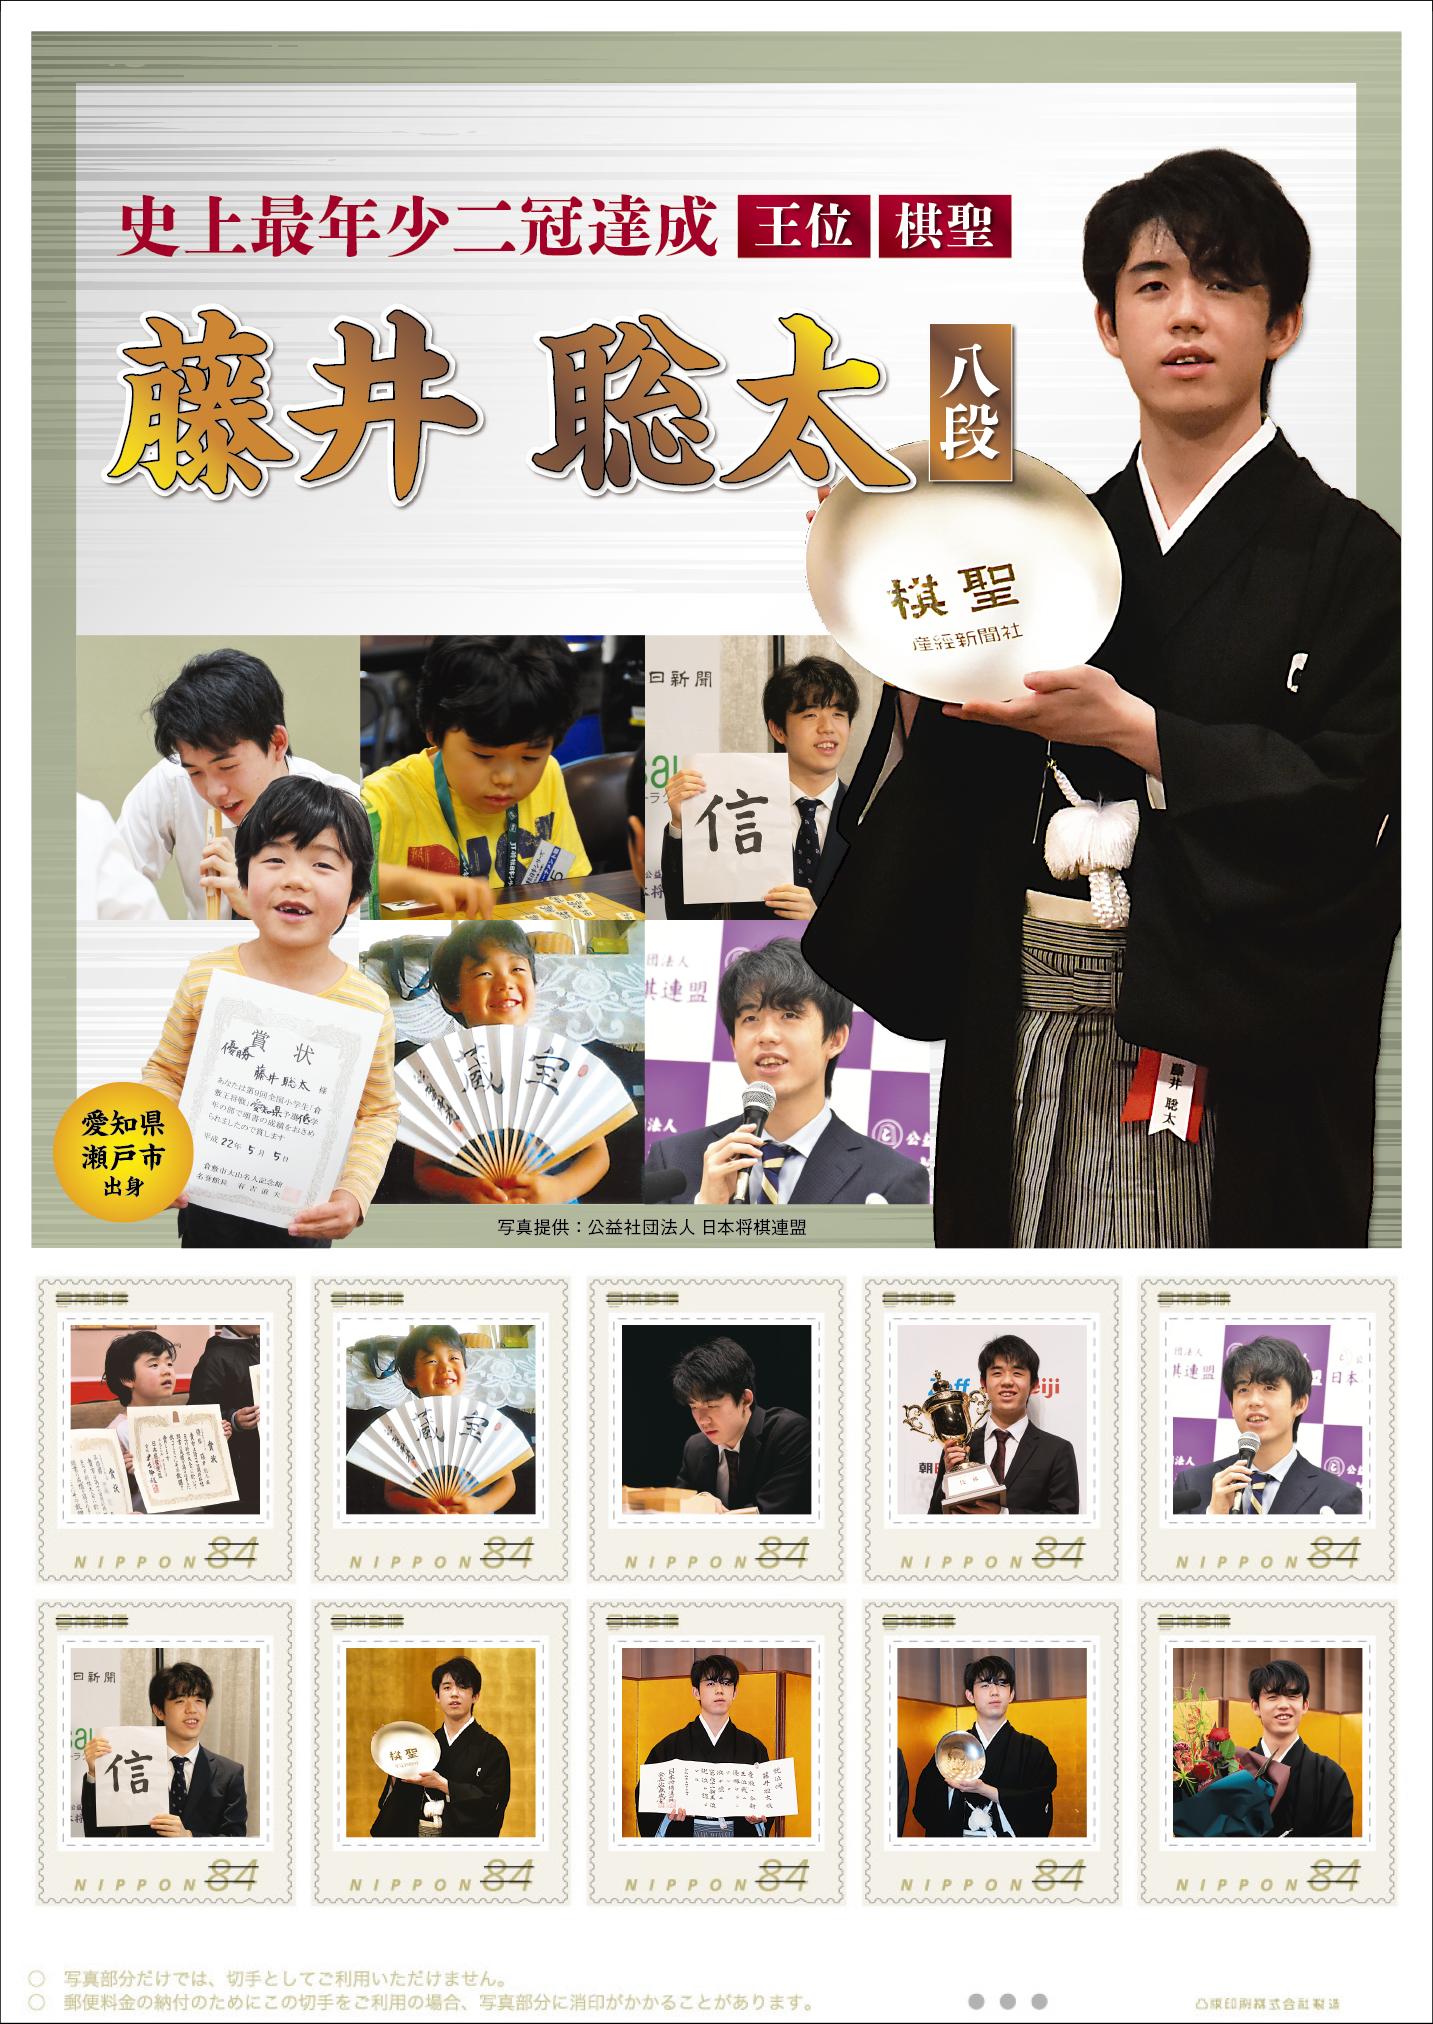 オリジナル フレーム切手「史上最年少二冠達成 藤井 聡太八段(愛知県限定版)」の販売開始